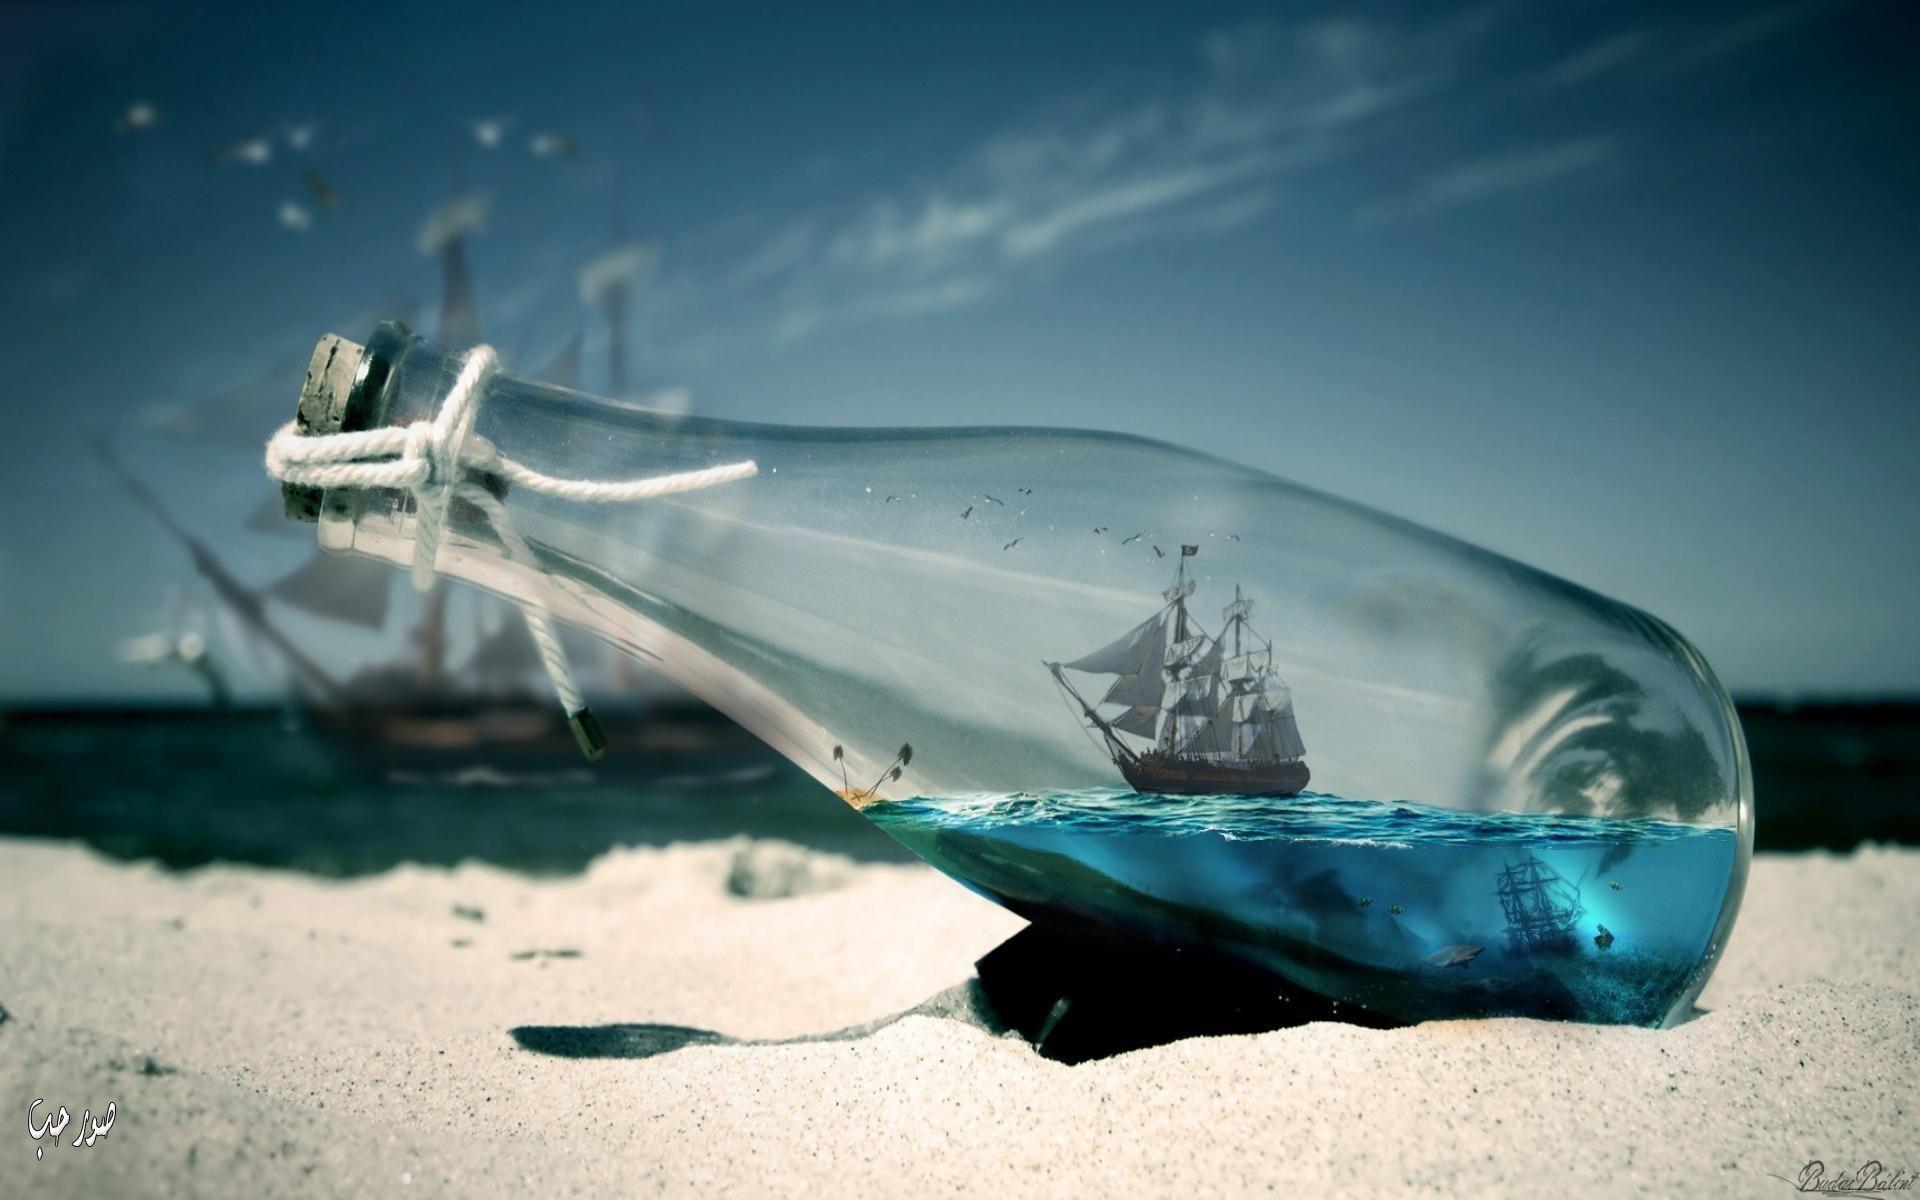 خلفيات جديدة 2017 صور الدنيا في زجاجة صور معبره Ship In Bottle Boat Wallpaper Boat In A Bottle